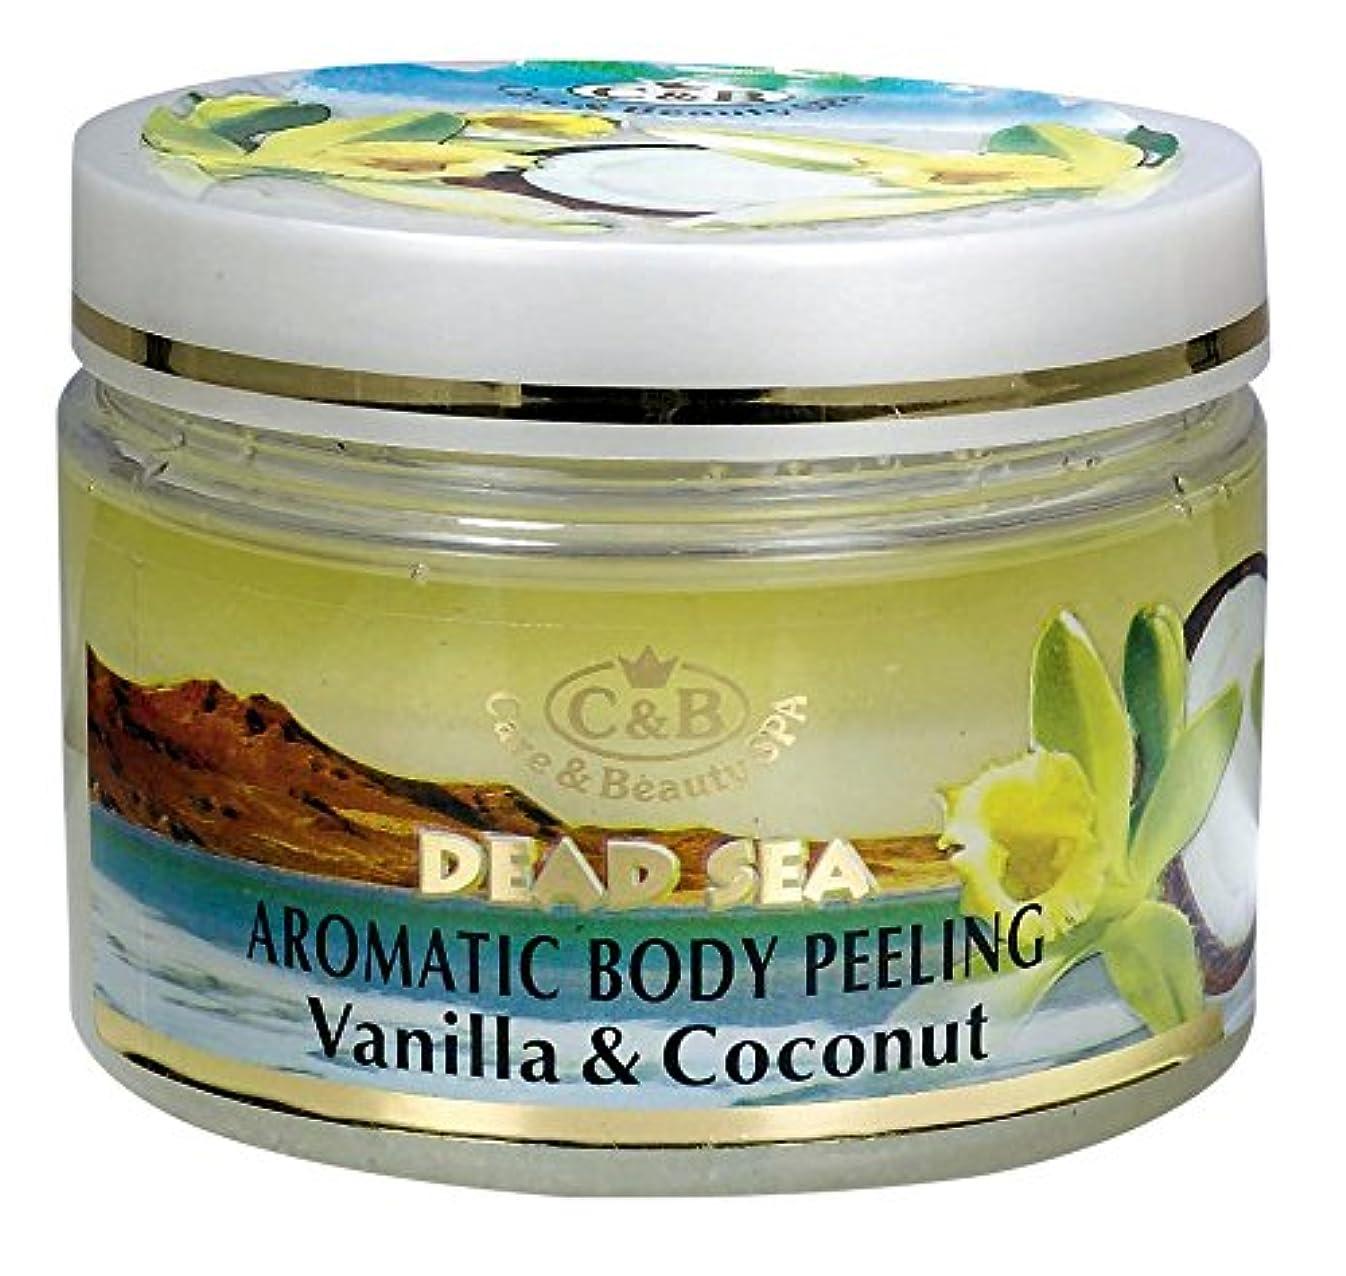 背が高い国歌カポックバニラ-ココナッツの香りの全身用剥がし 350mL 死海ミネラル Vanilla - Coconut Aromatic Body Peeling